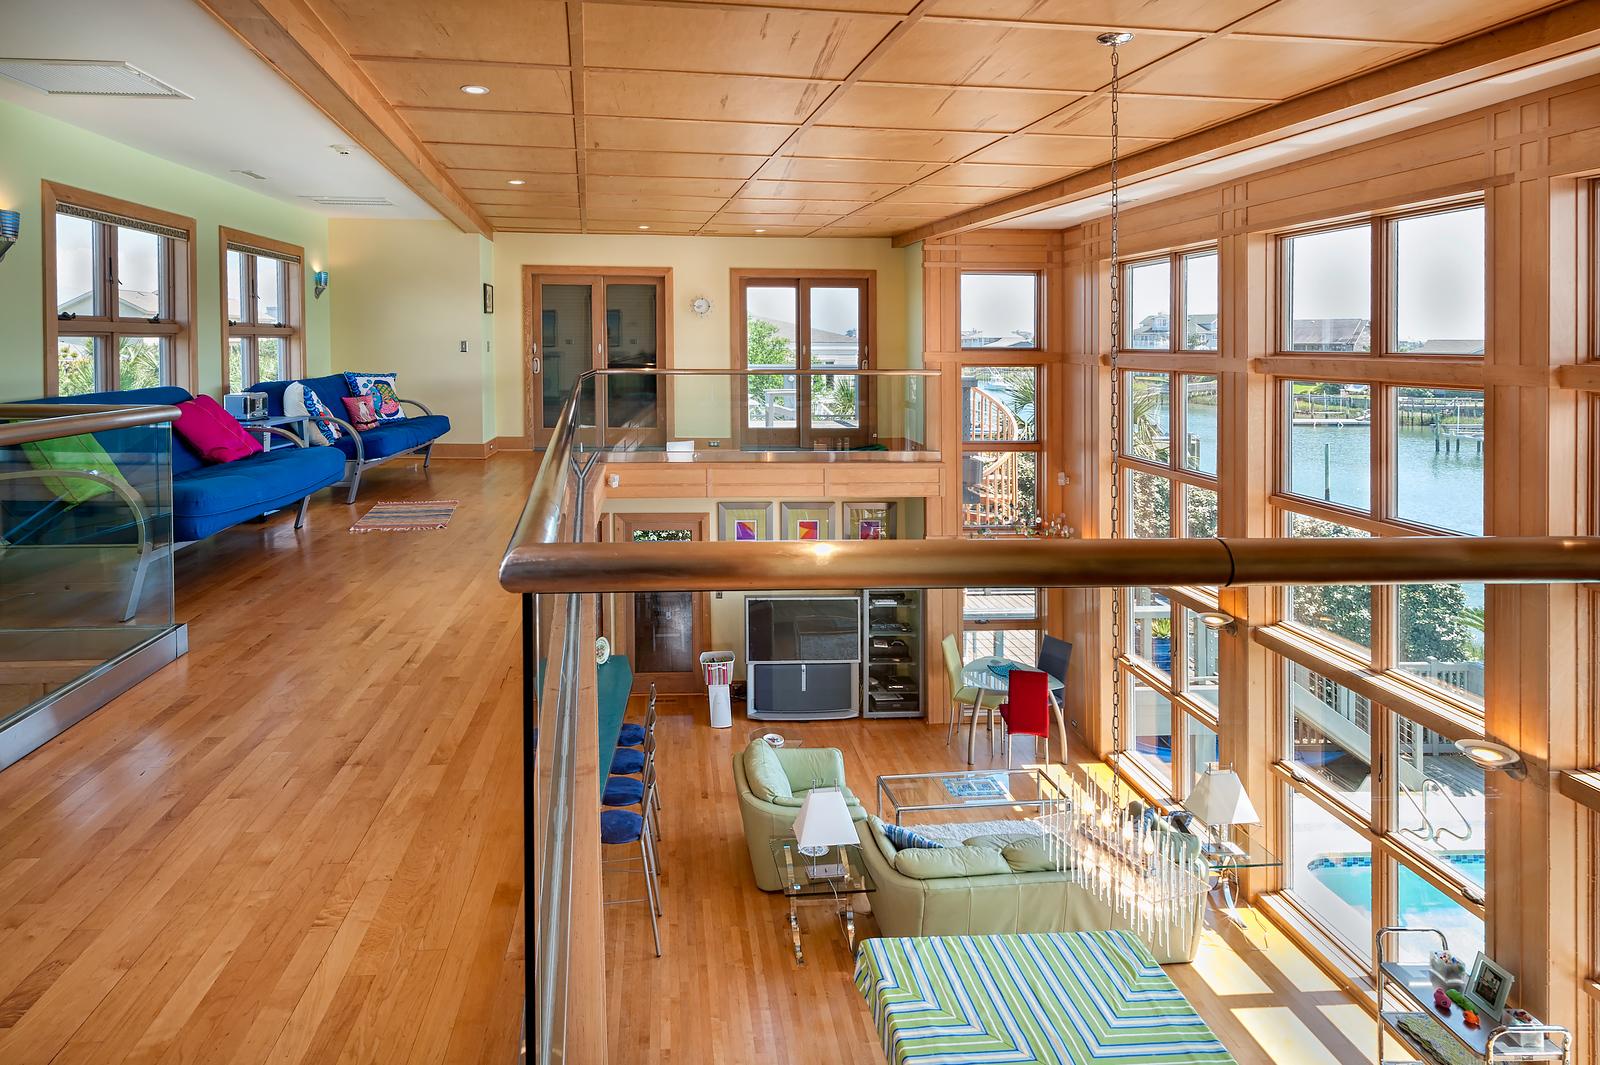 23 Upstairs View 1